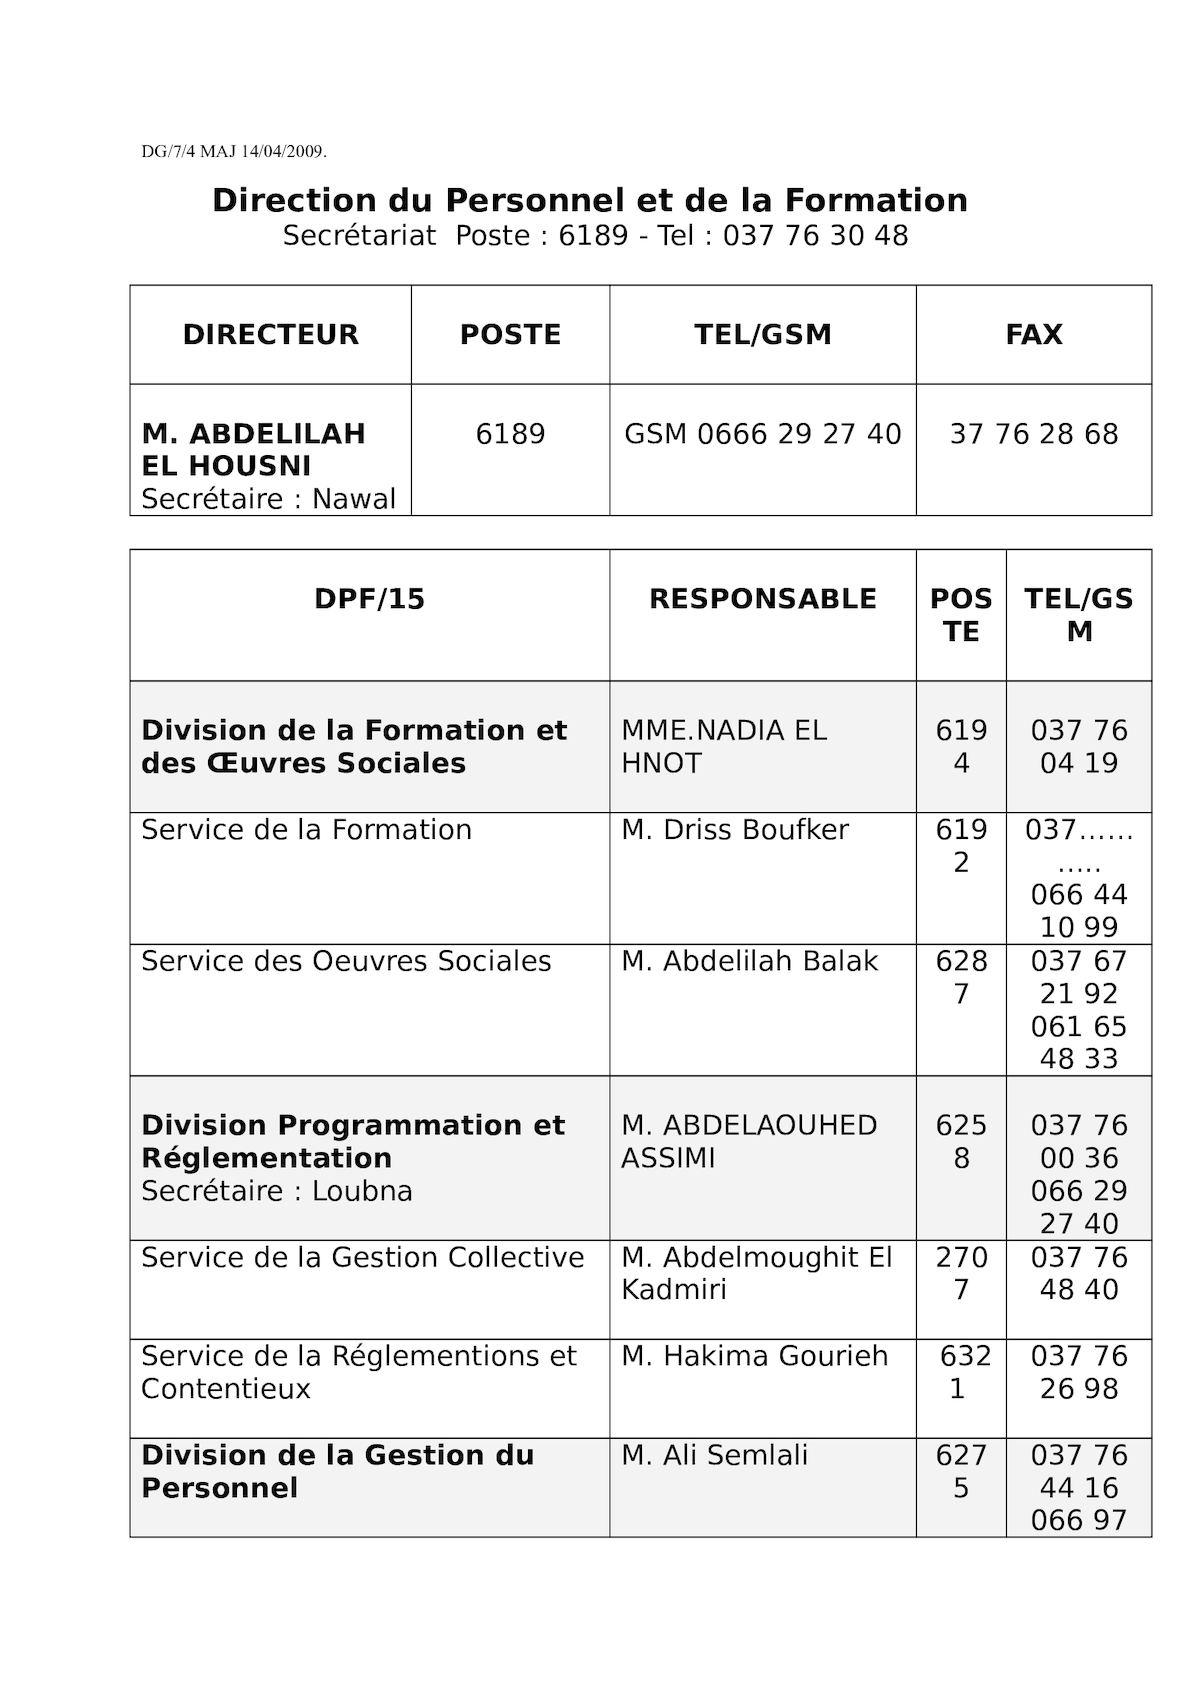 Direction Du Personnel Et De La Formation DPF15